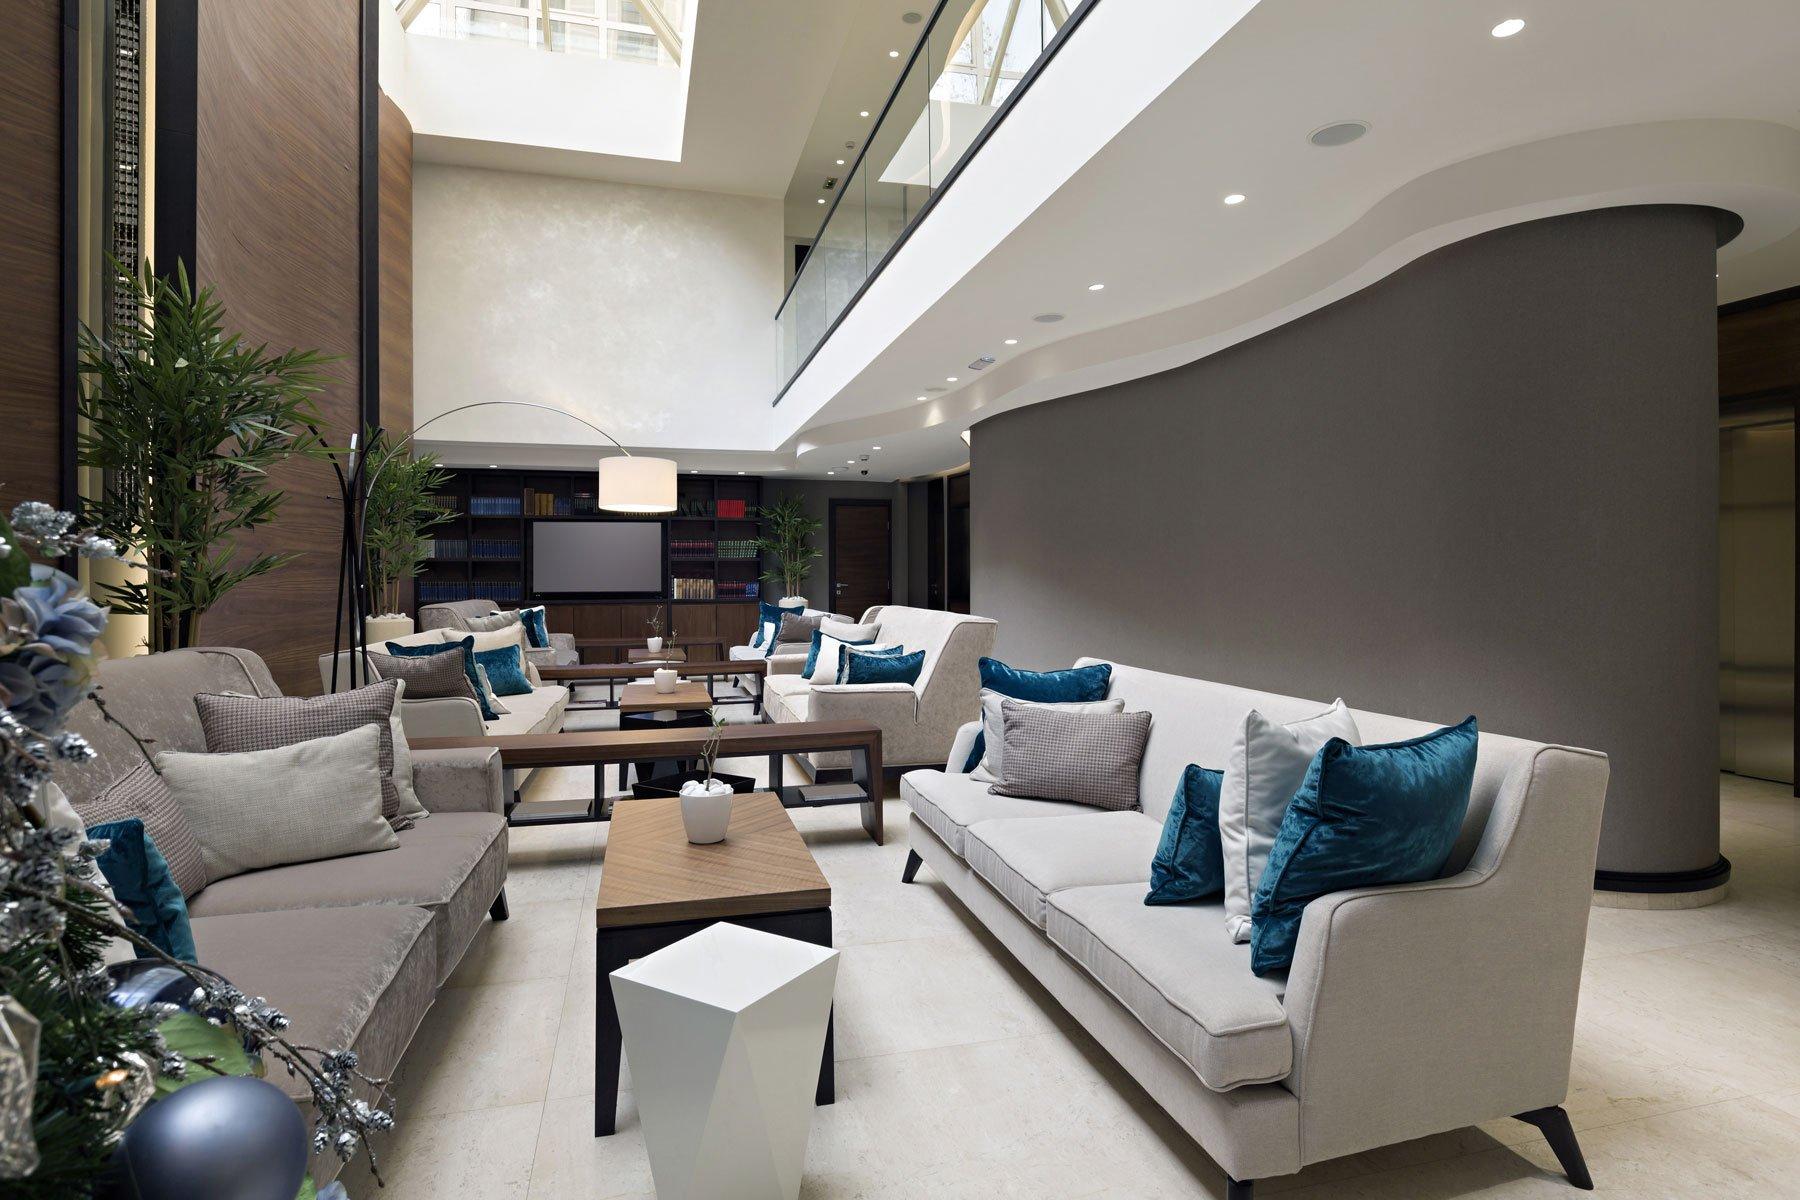 Una sala con dei divani di color bianco e grigio con dei cuscini di color turchese